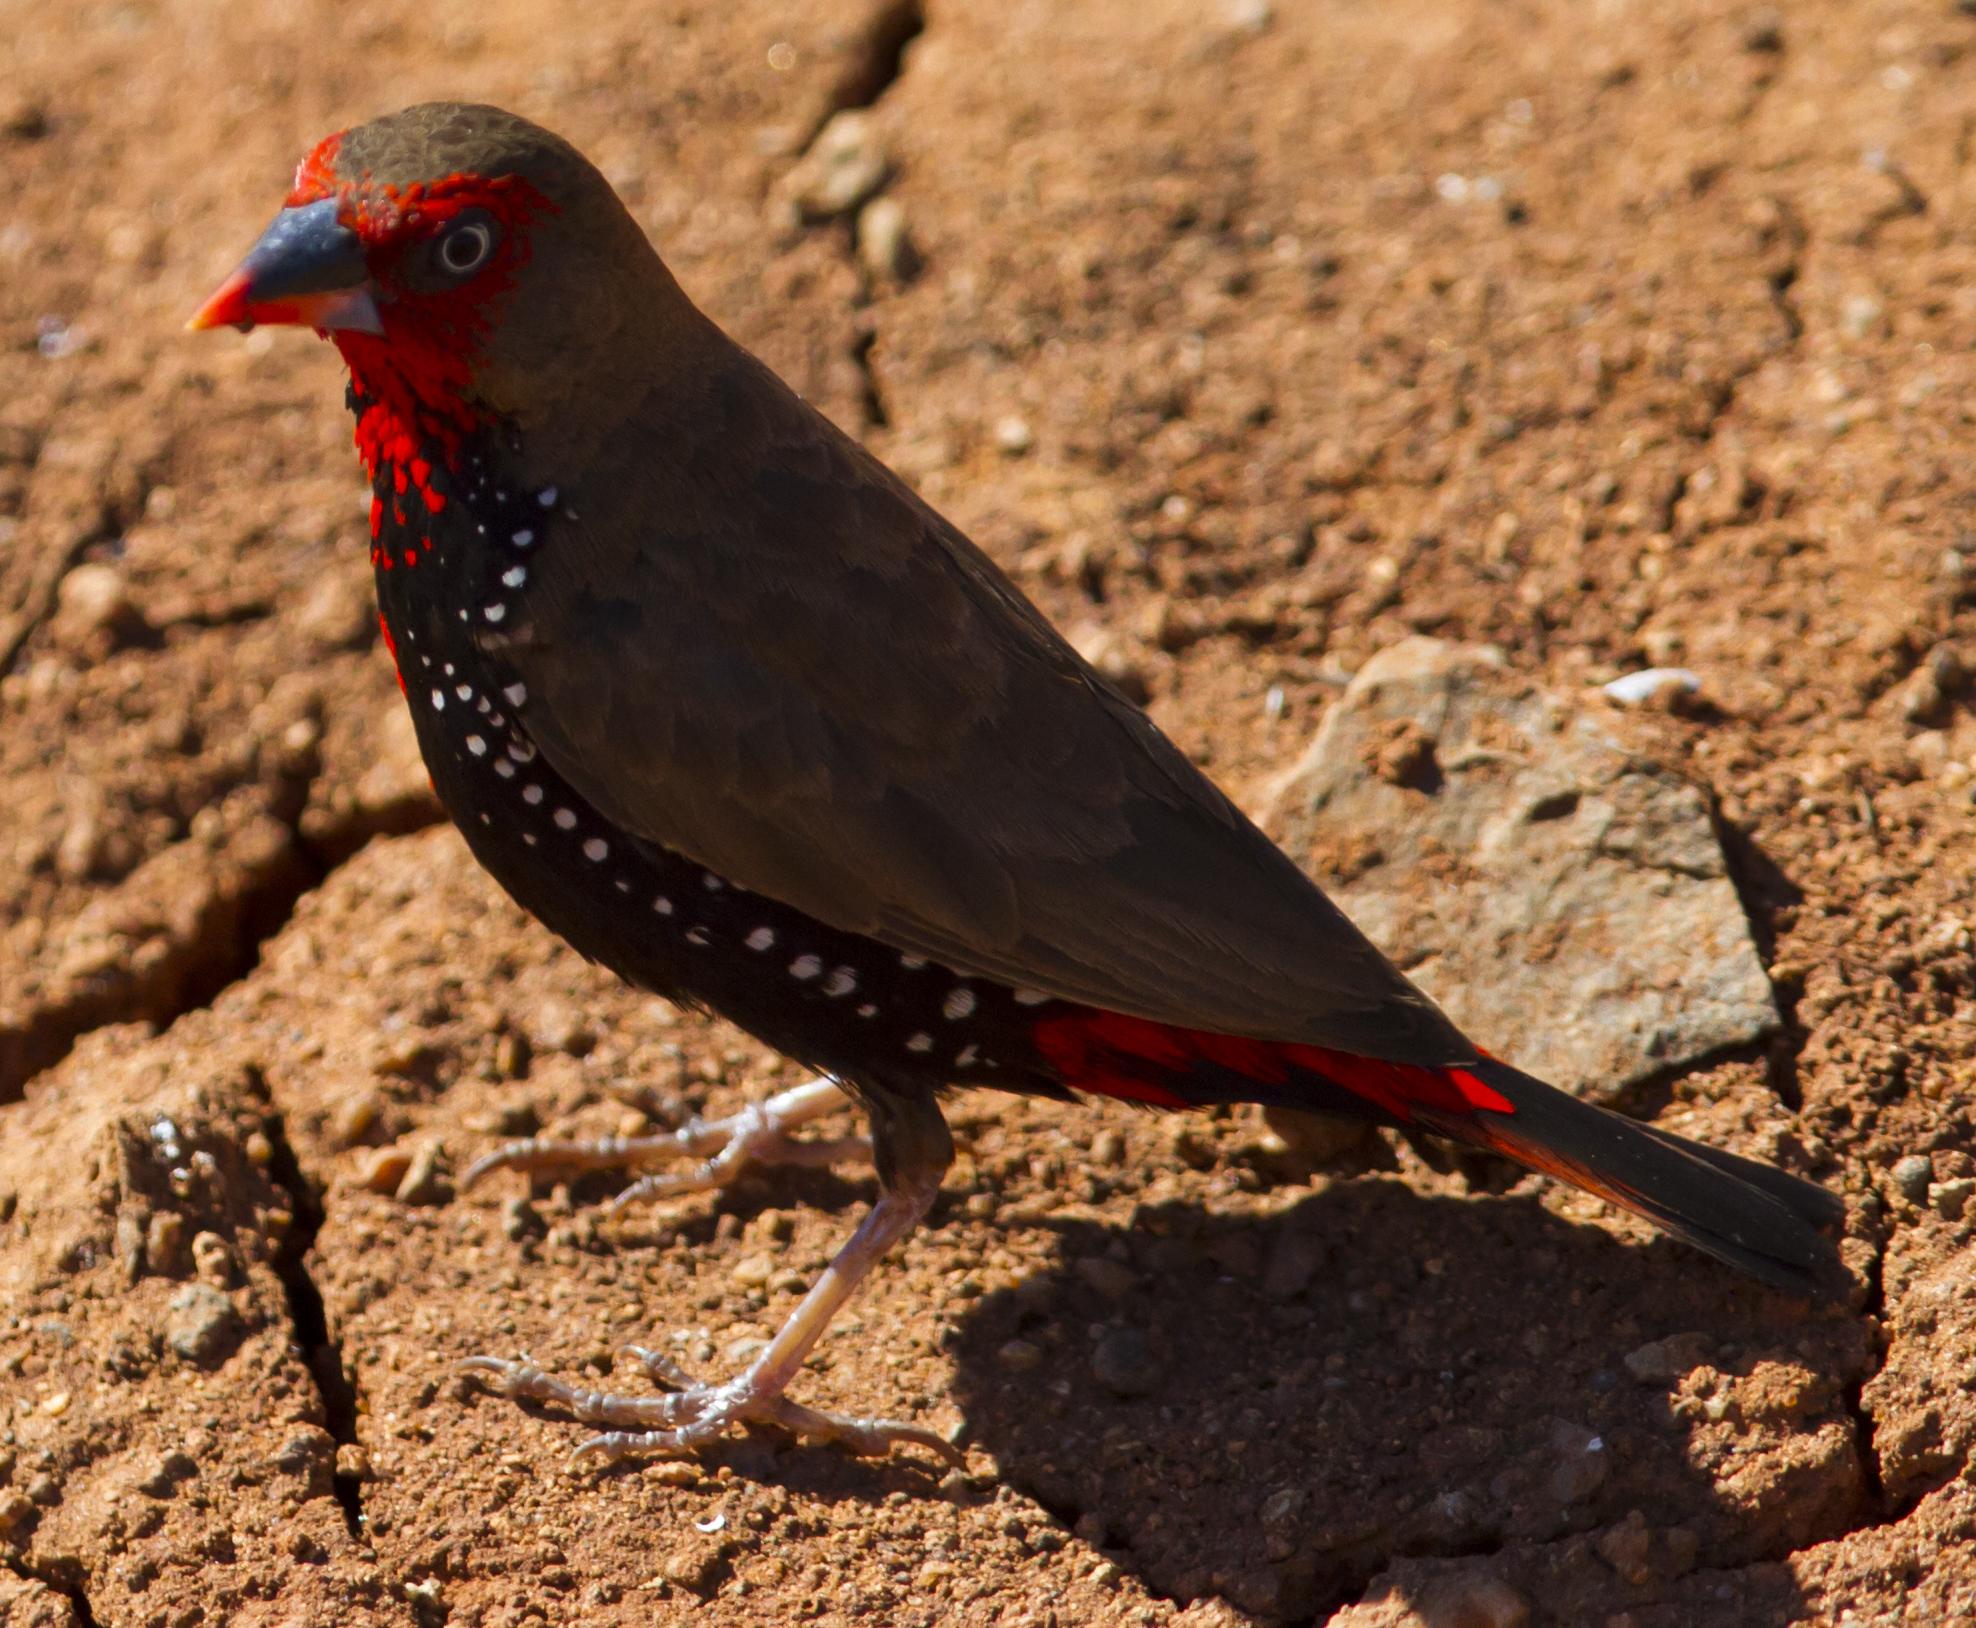 Karratha Australia  city photos gallery : Emblema pictum Karratha, Pilbara, Western Australia, Australia 8 ...